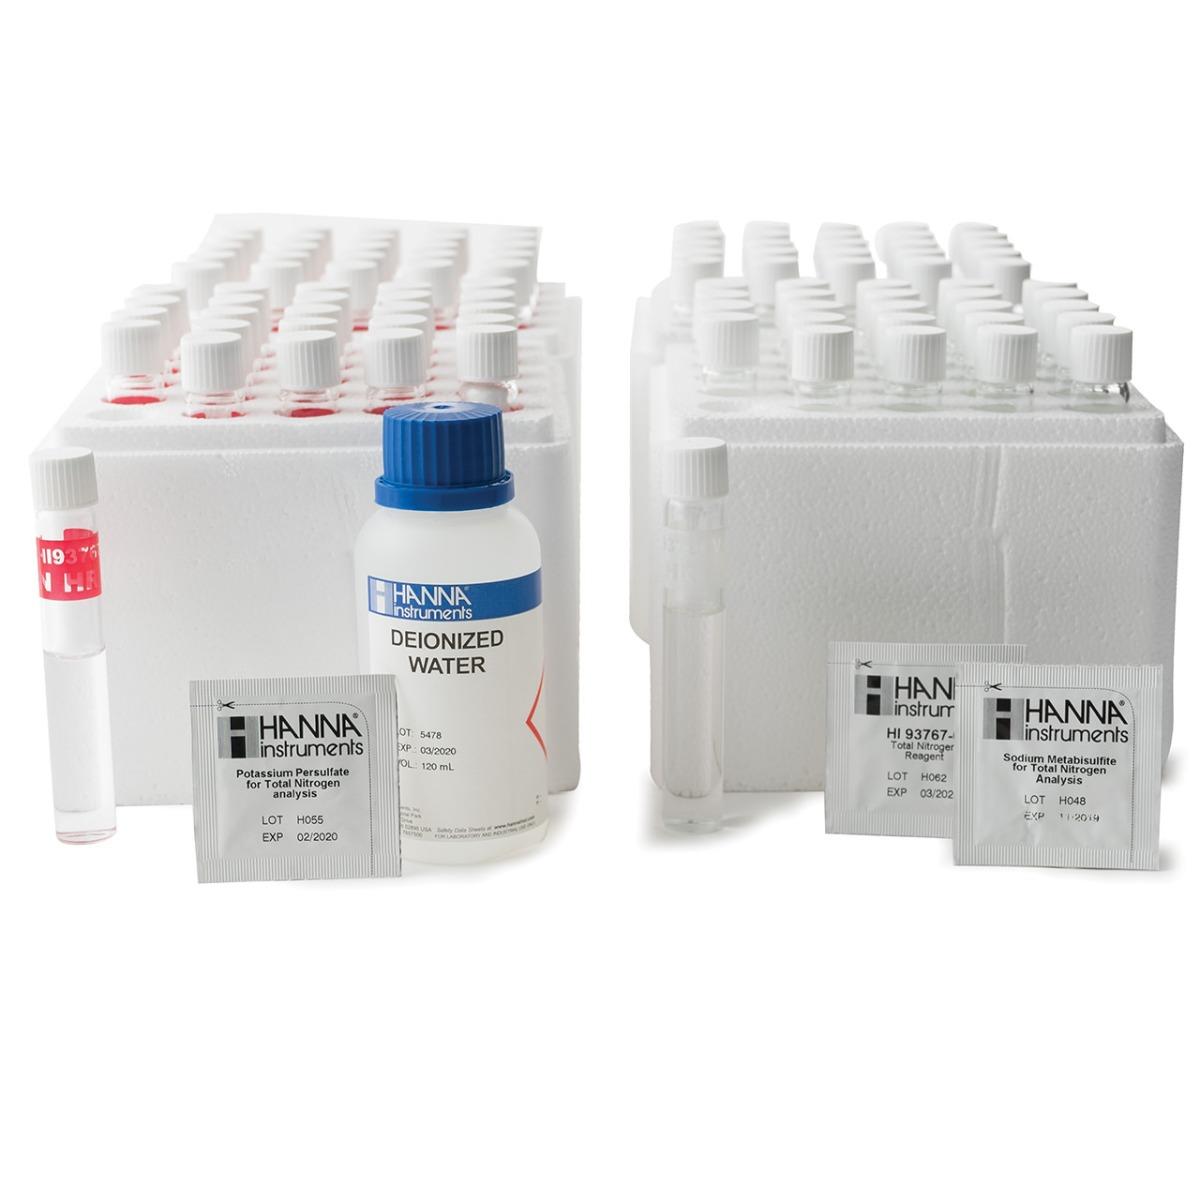 Total Nitrogen High Range Reagents (50 tests) - HI93767B-50